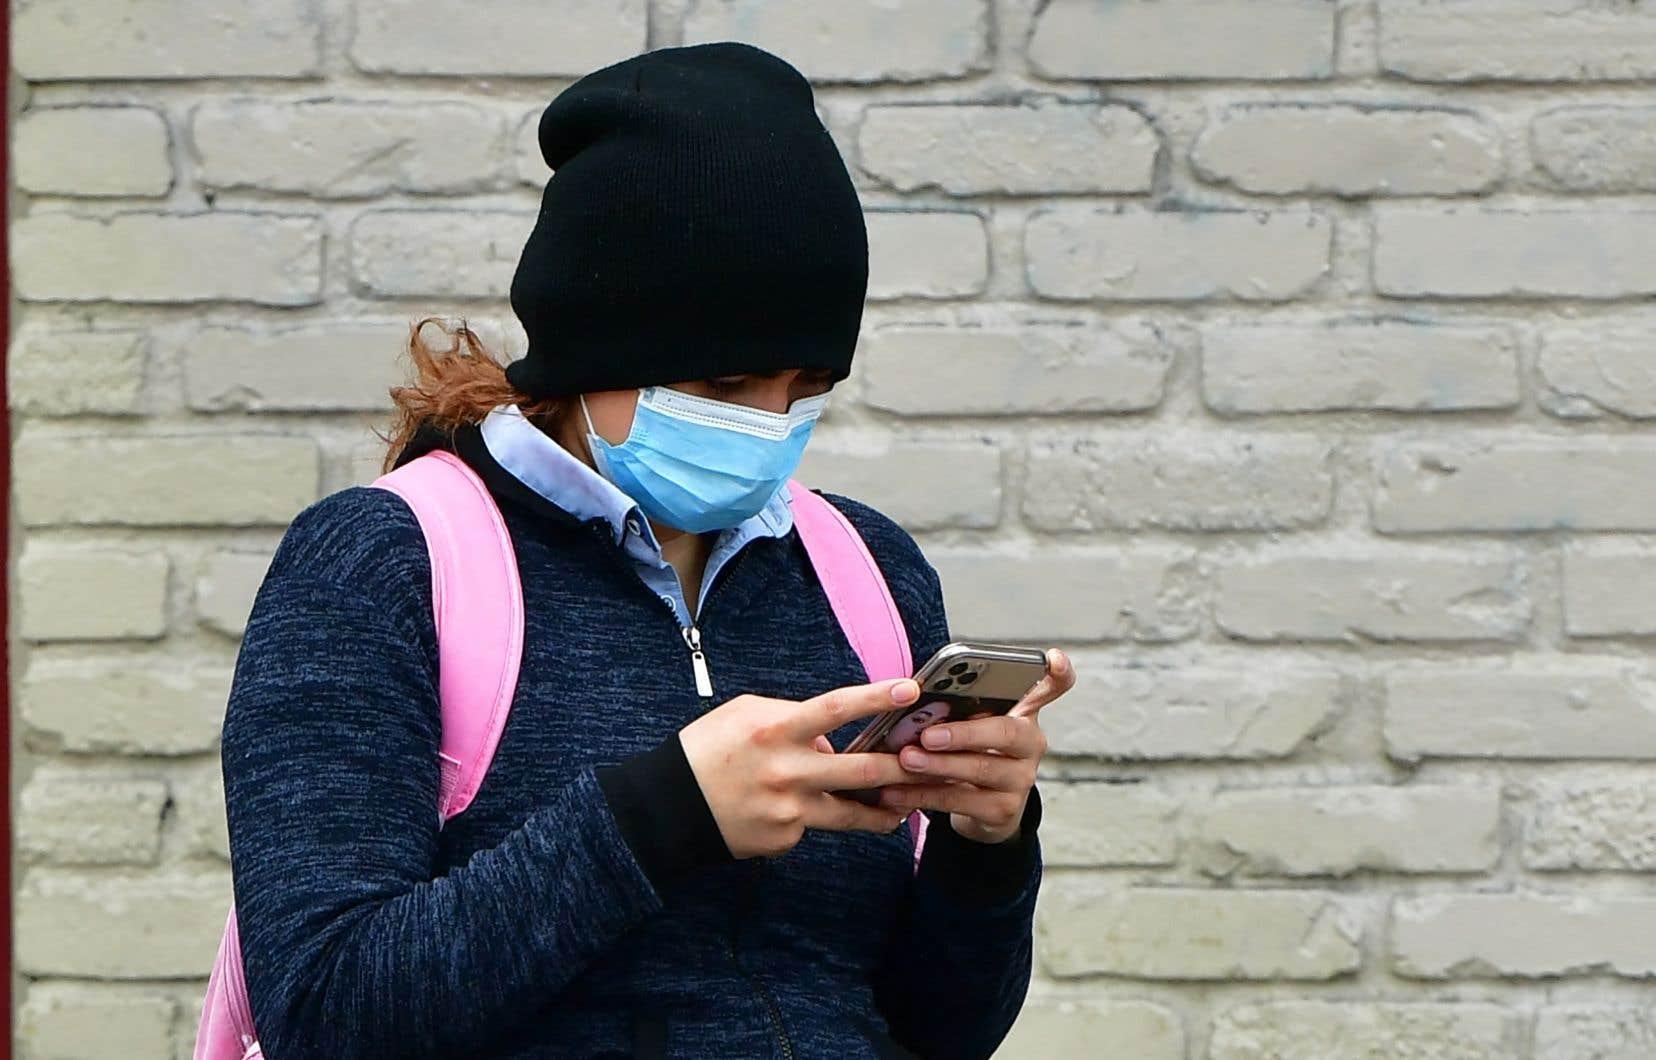 «Si l'on considère que plus de 95% des adolescents utilisent une plateforme de médias sociaux et peuvent passer plus de sept heures par jour en ligne, l'accent mis sur le poids corporel sur les médias sociaux, surtout pendant la pandémie, est source de problèmes», écrivent les auteurs.